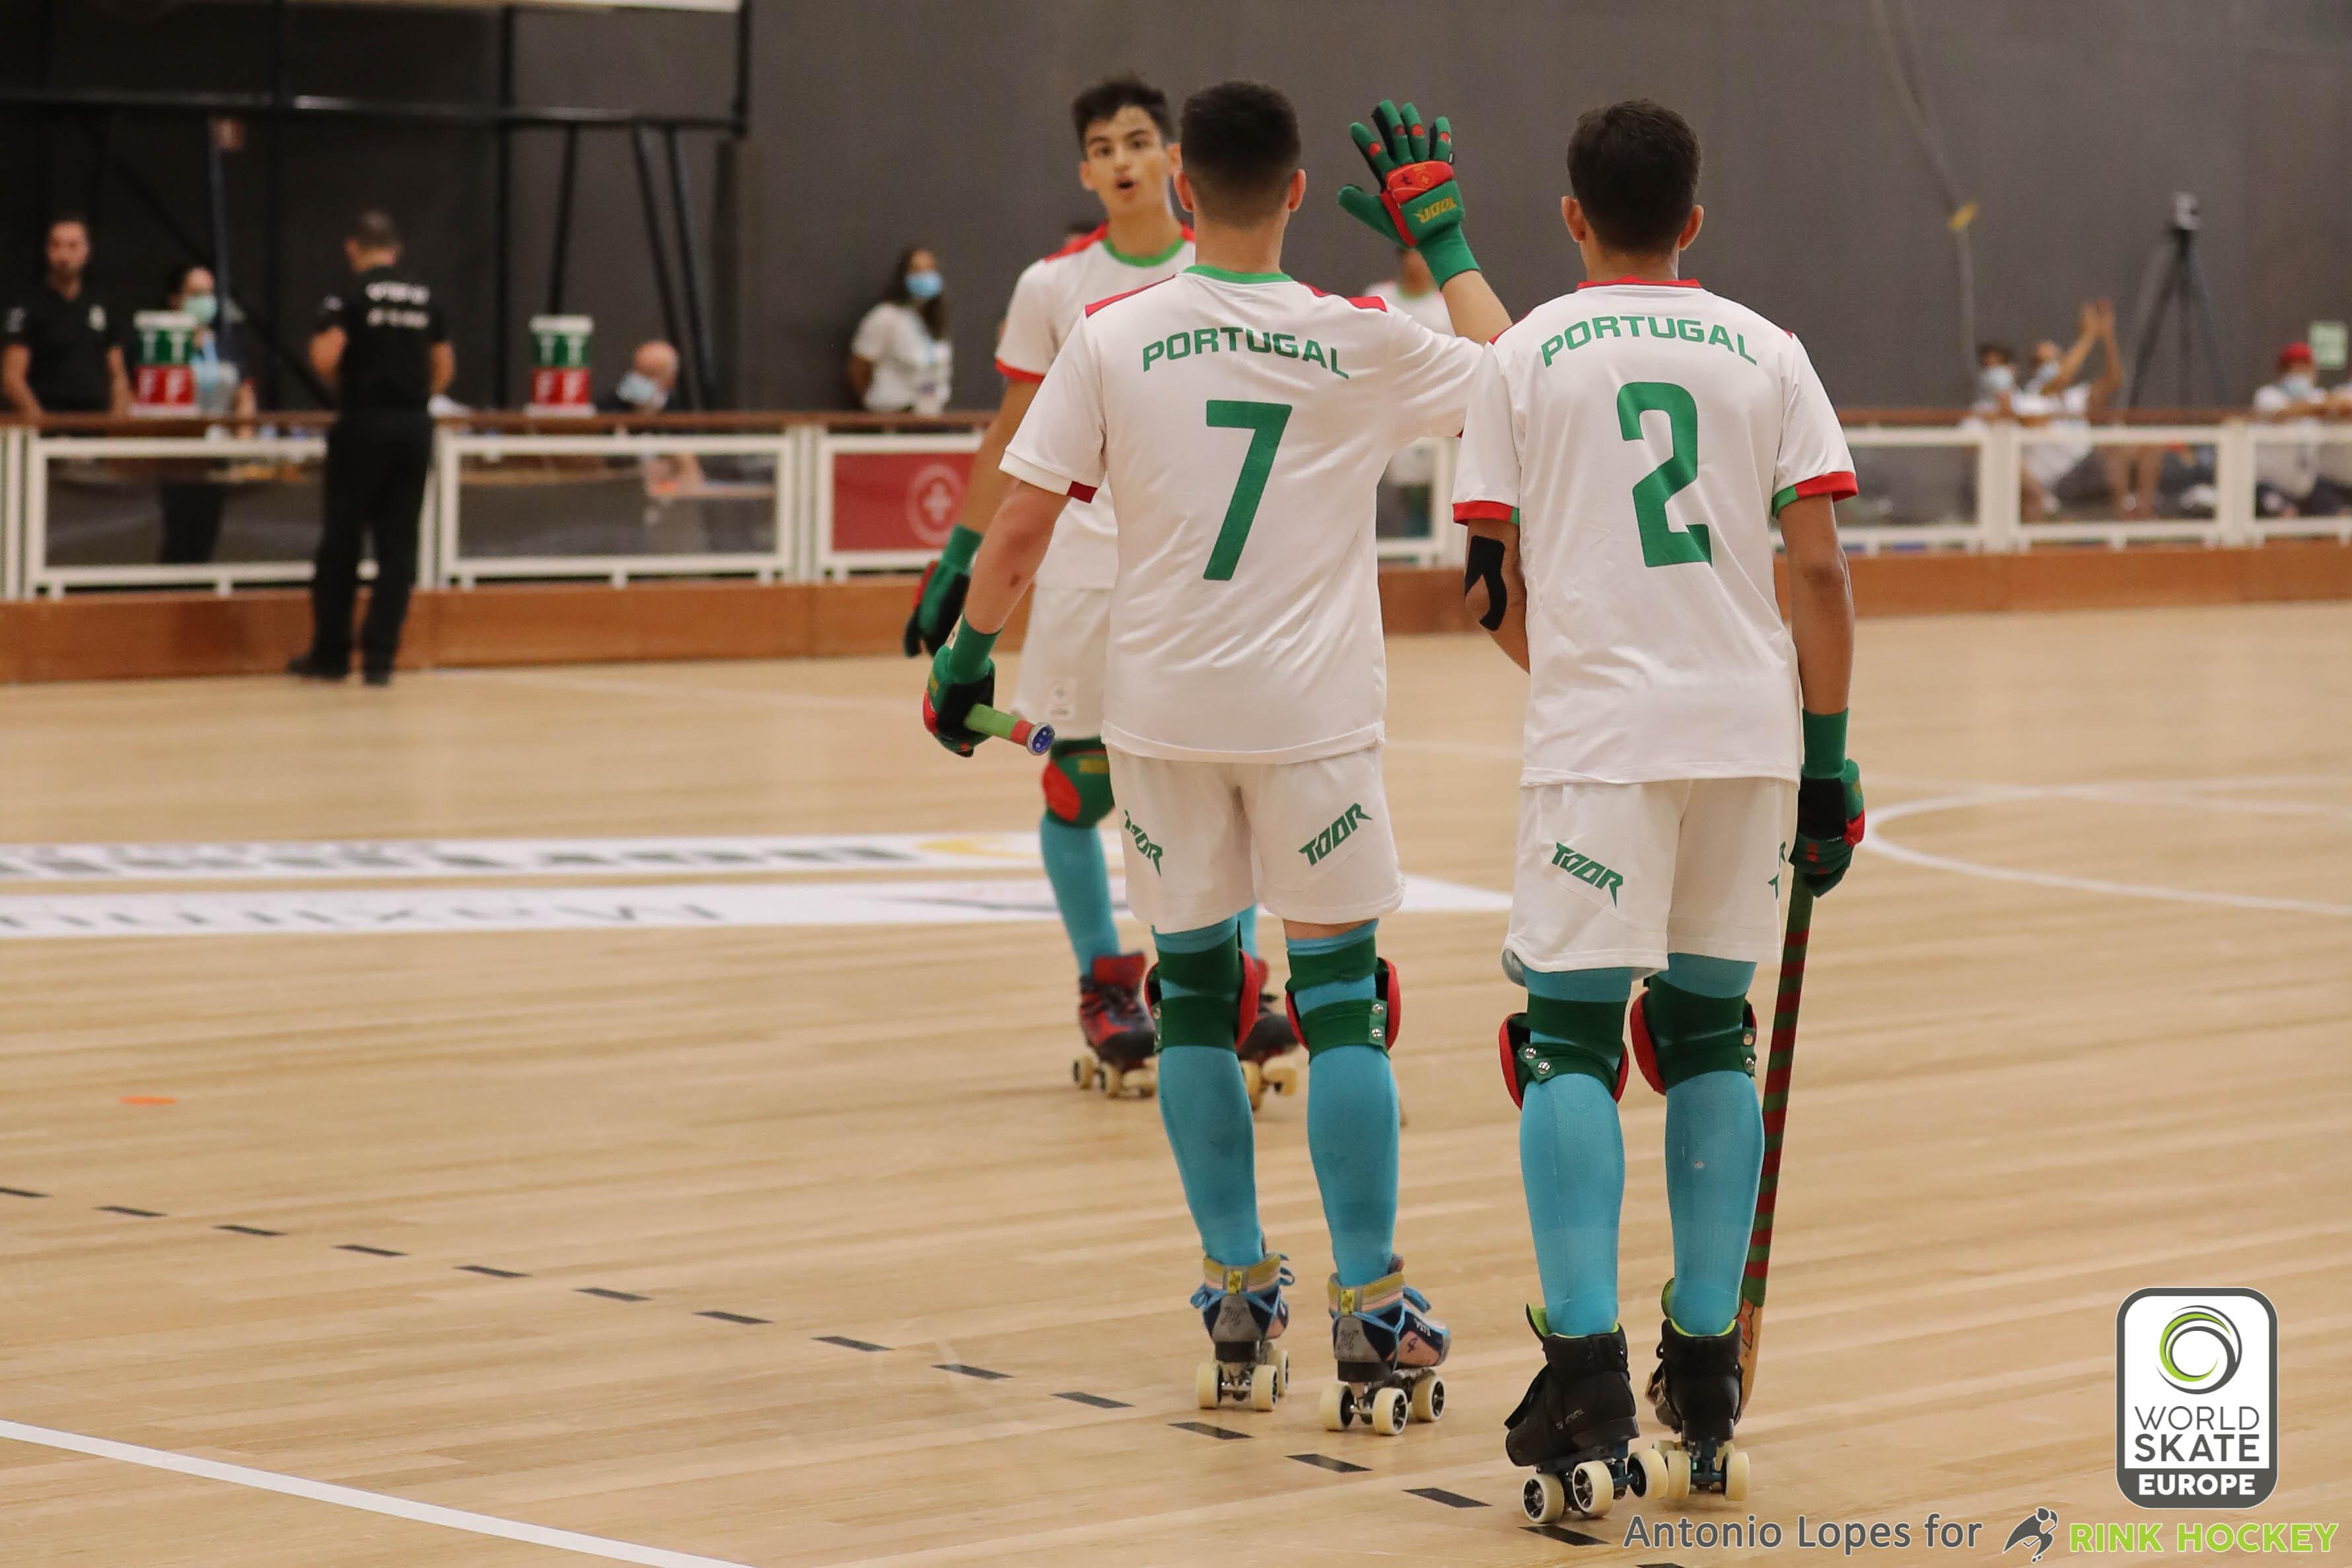 Inglaterra-com-Portugal-197